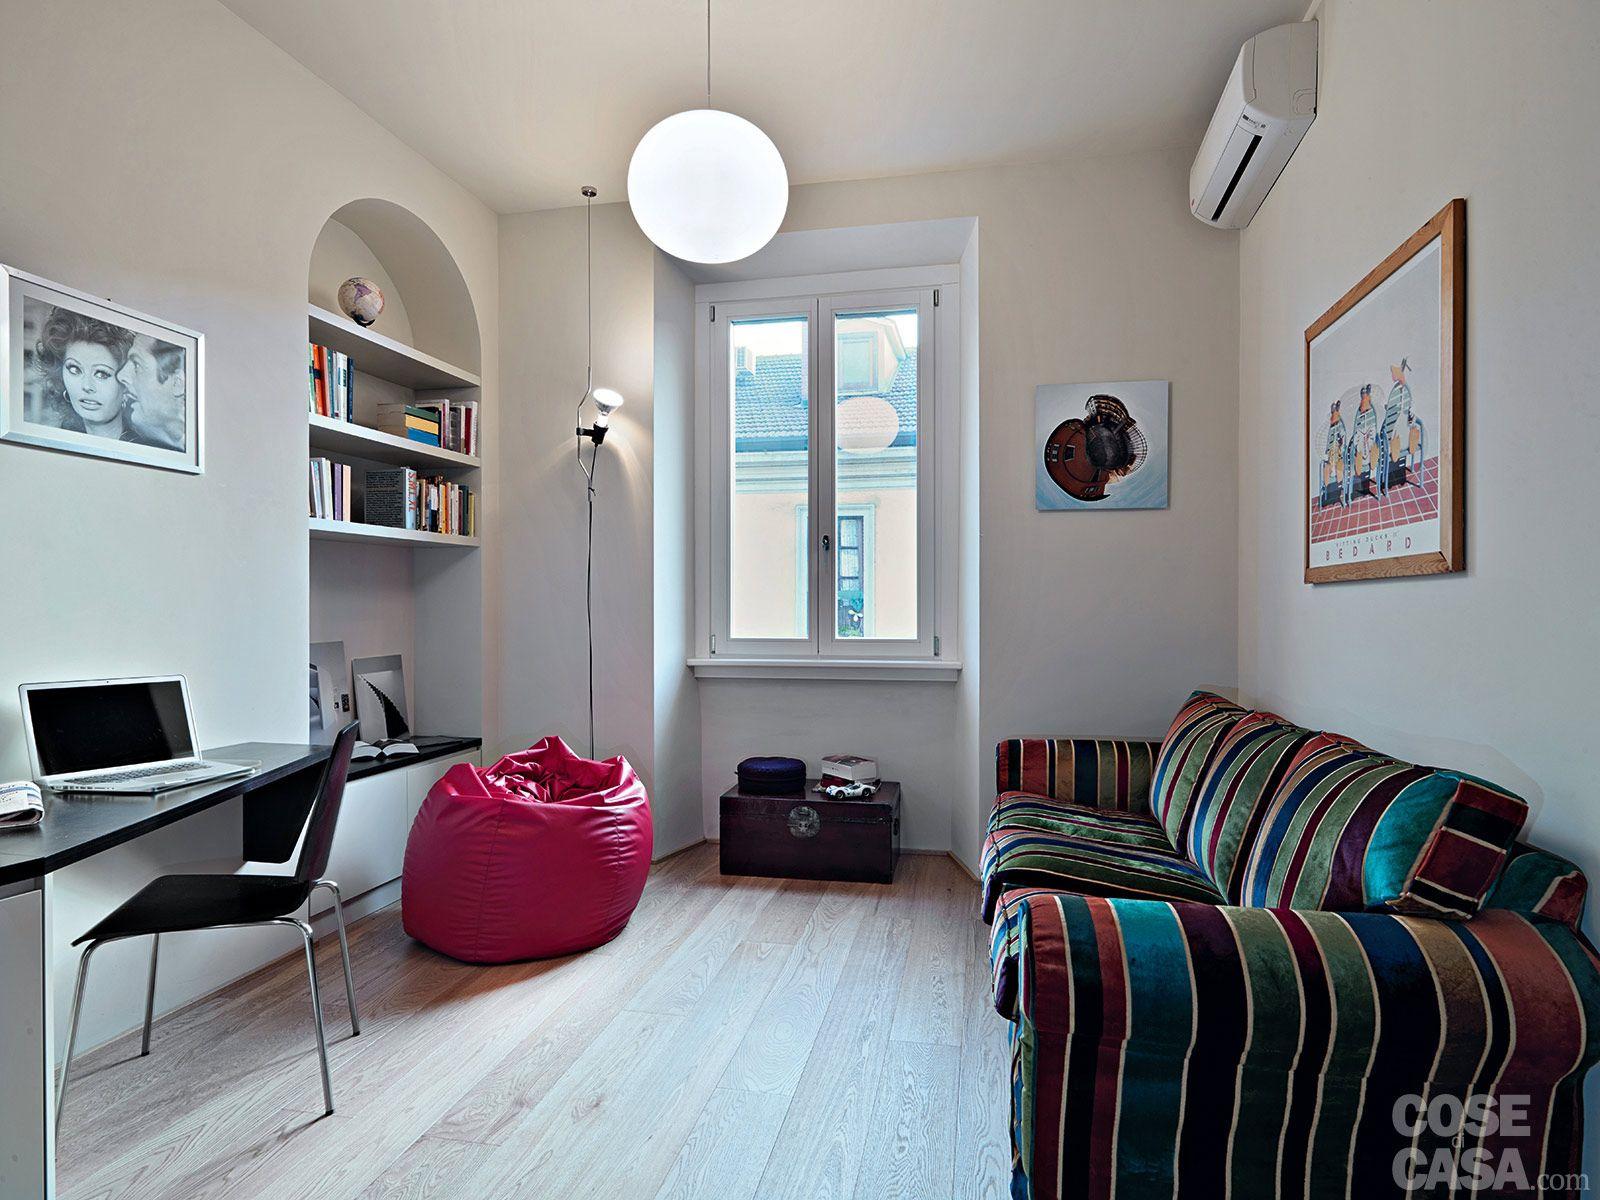 Soggiorno Etnico ~ In soggiorno il divano di linea morbida è rivestito in velluto a